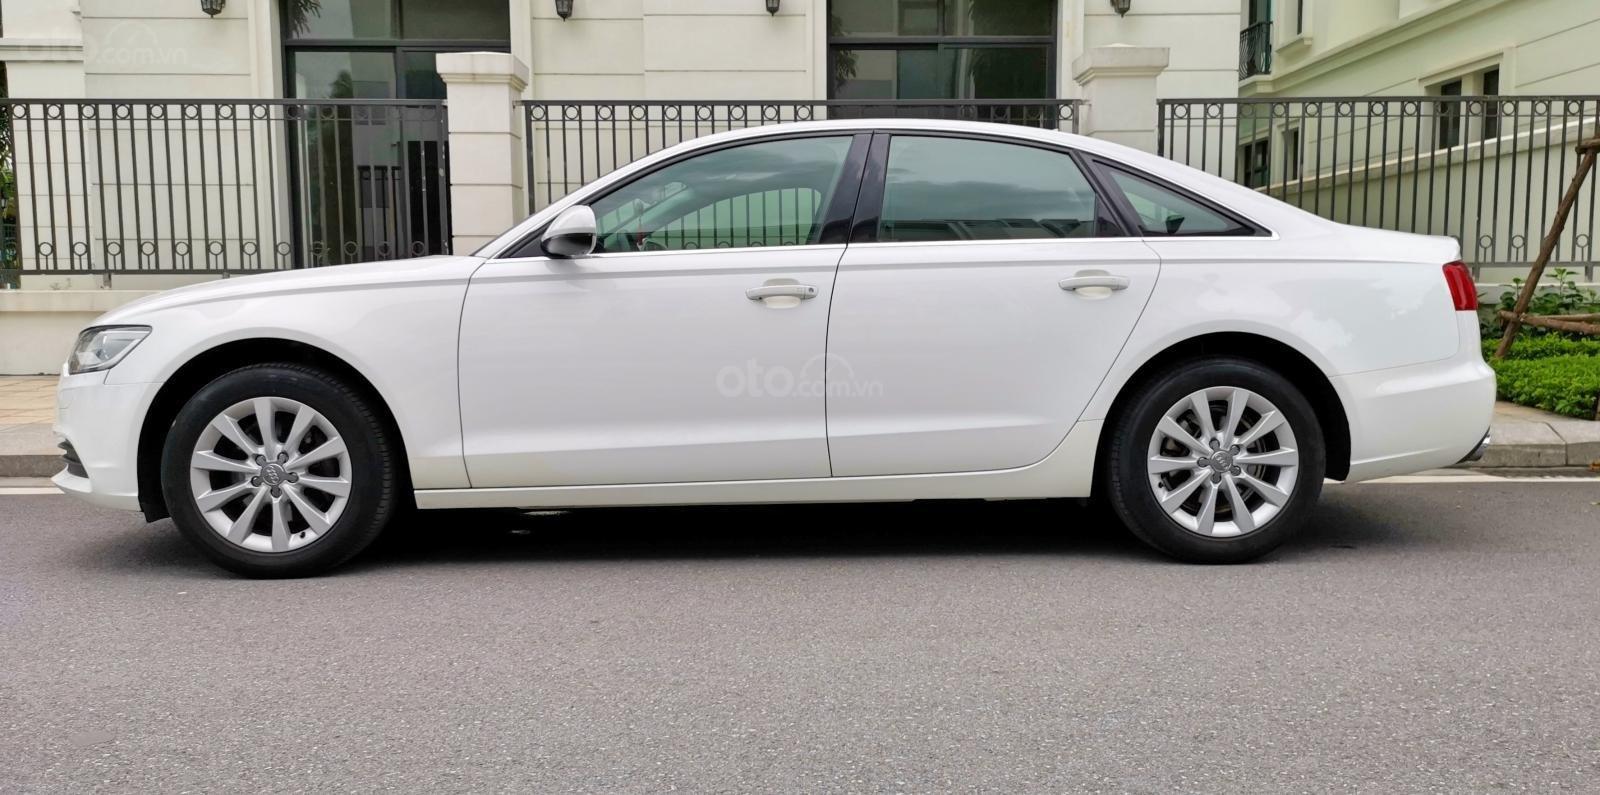 Cần bán lại xe Audi A6 đời 2013, màu trắng, nhập khẩu (1)